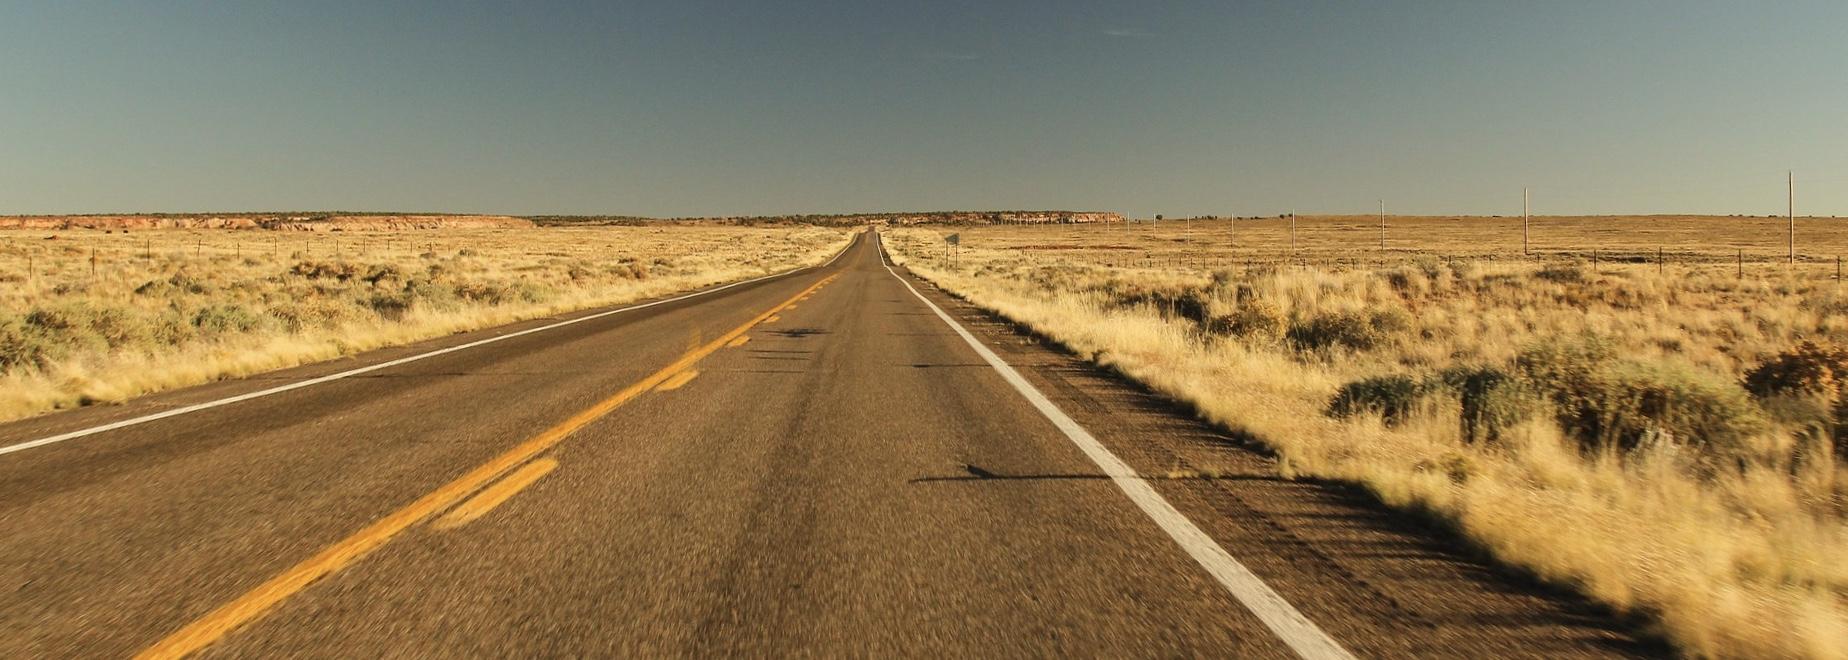 Acheter un van en Australie : conseils pratiques